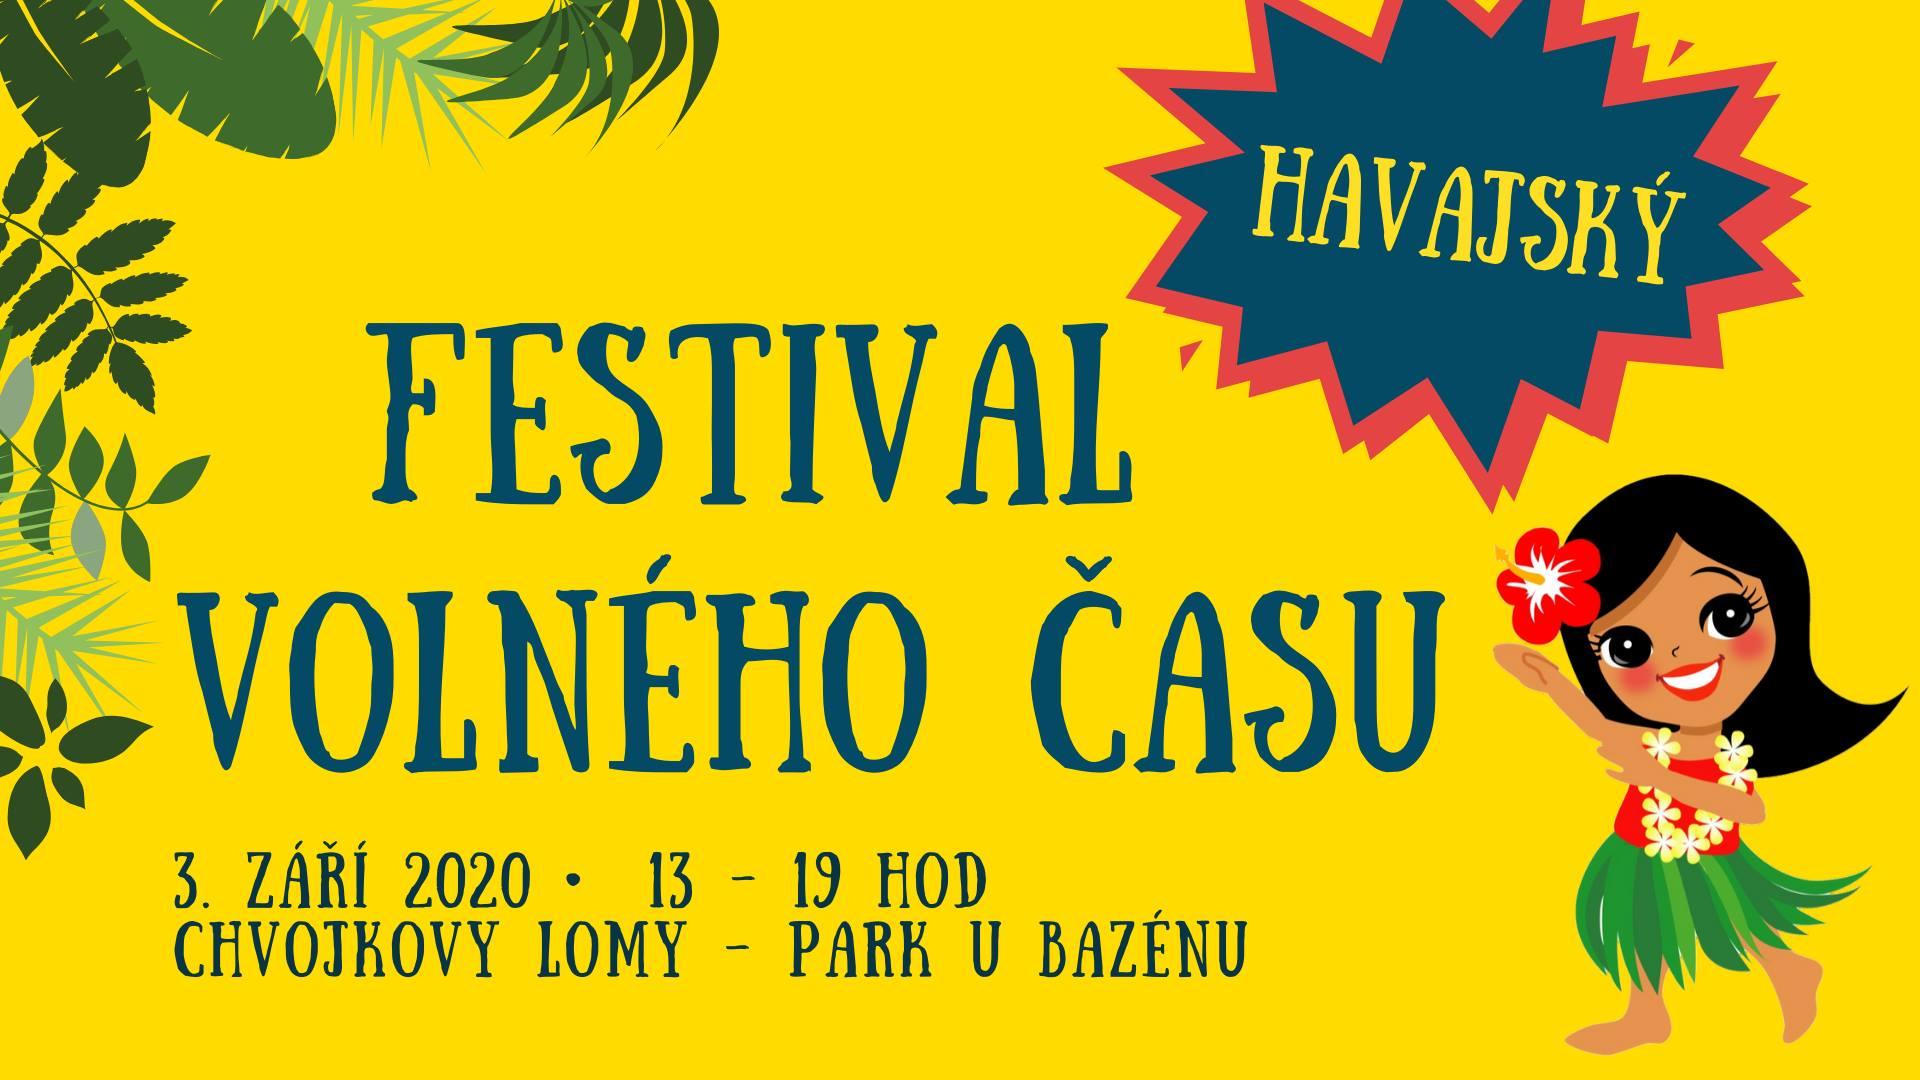 Festival volného času 2020 - spouštíme přihlašování